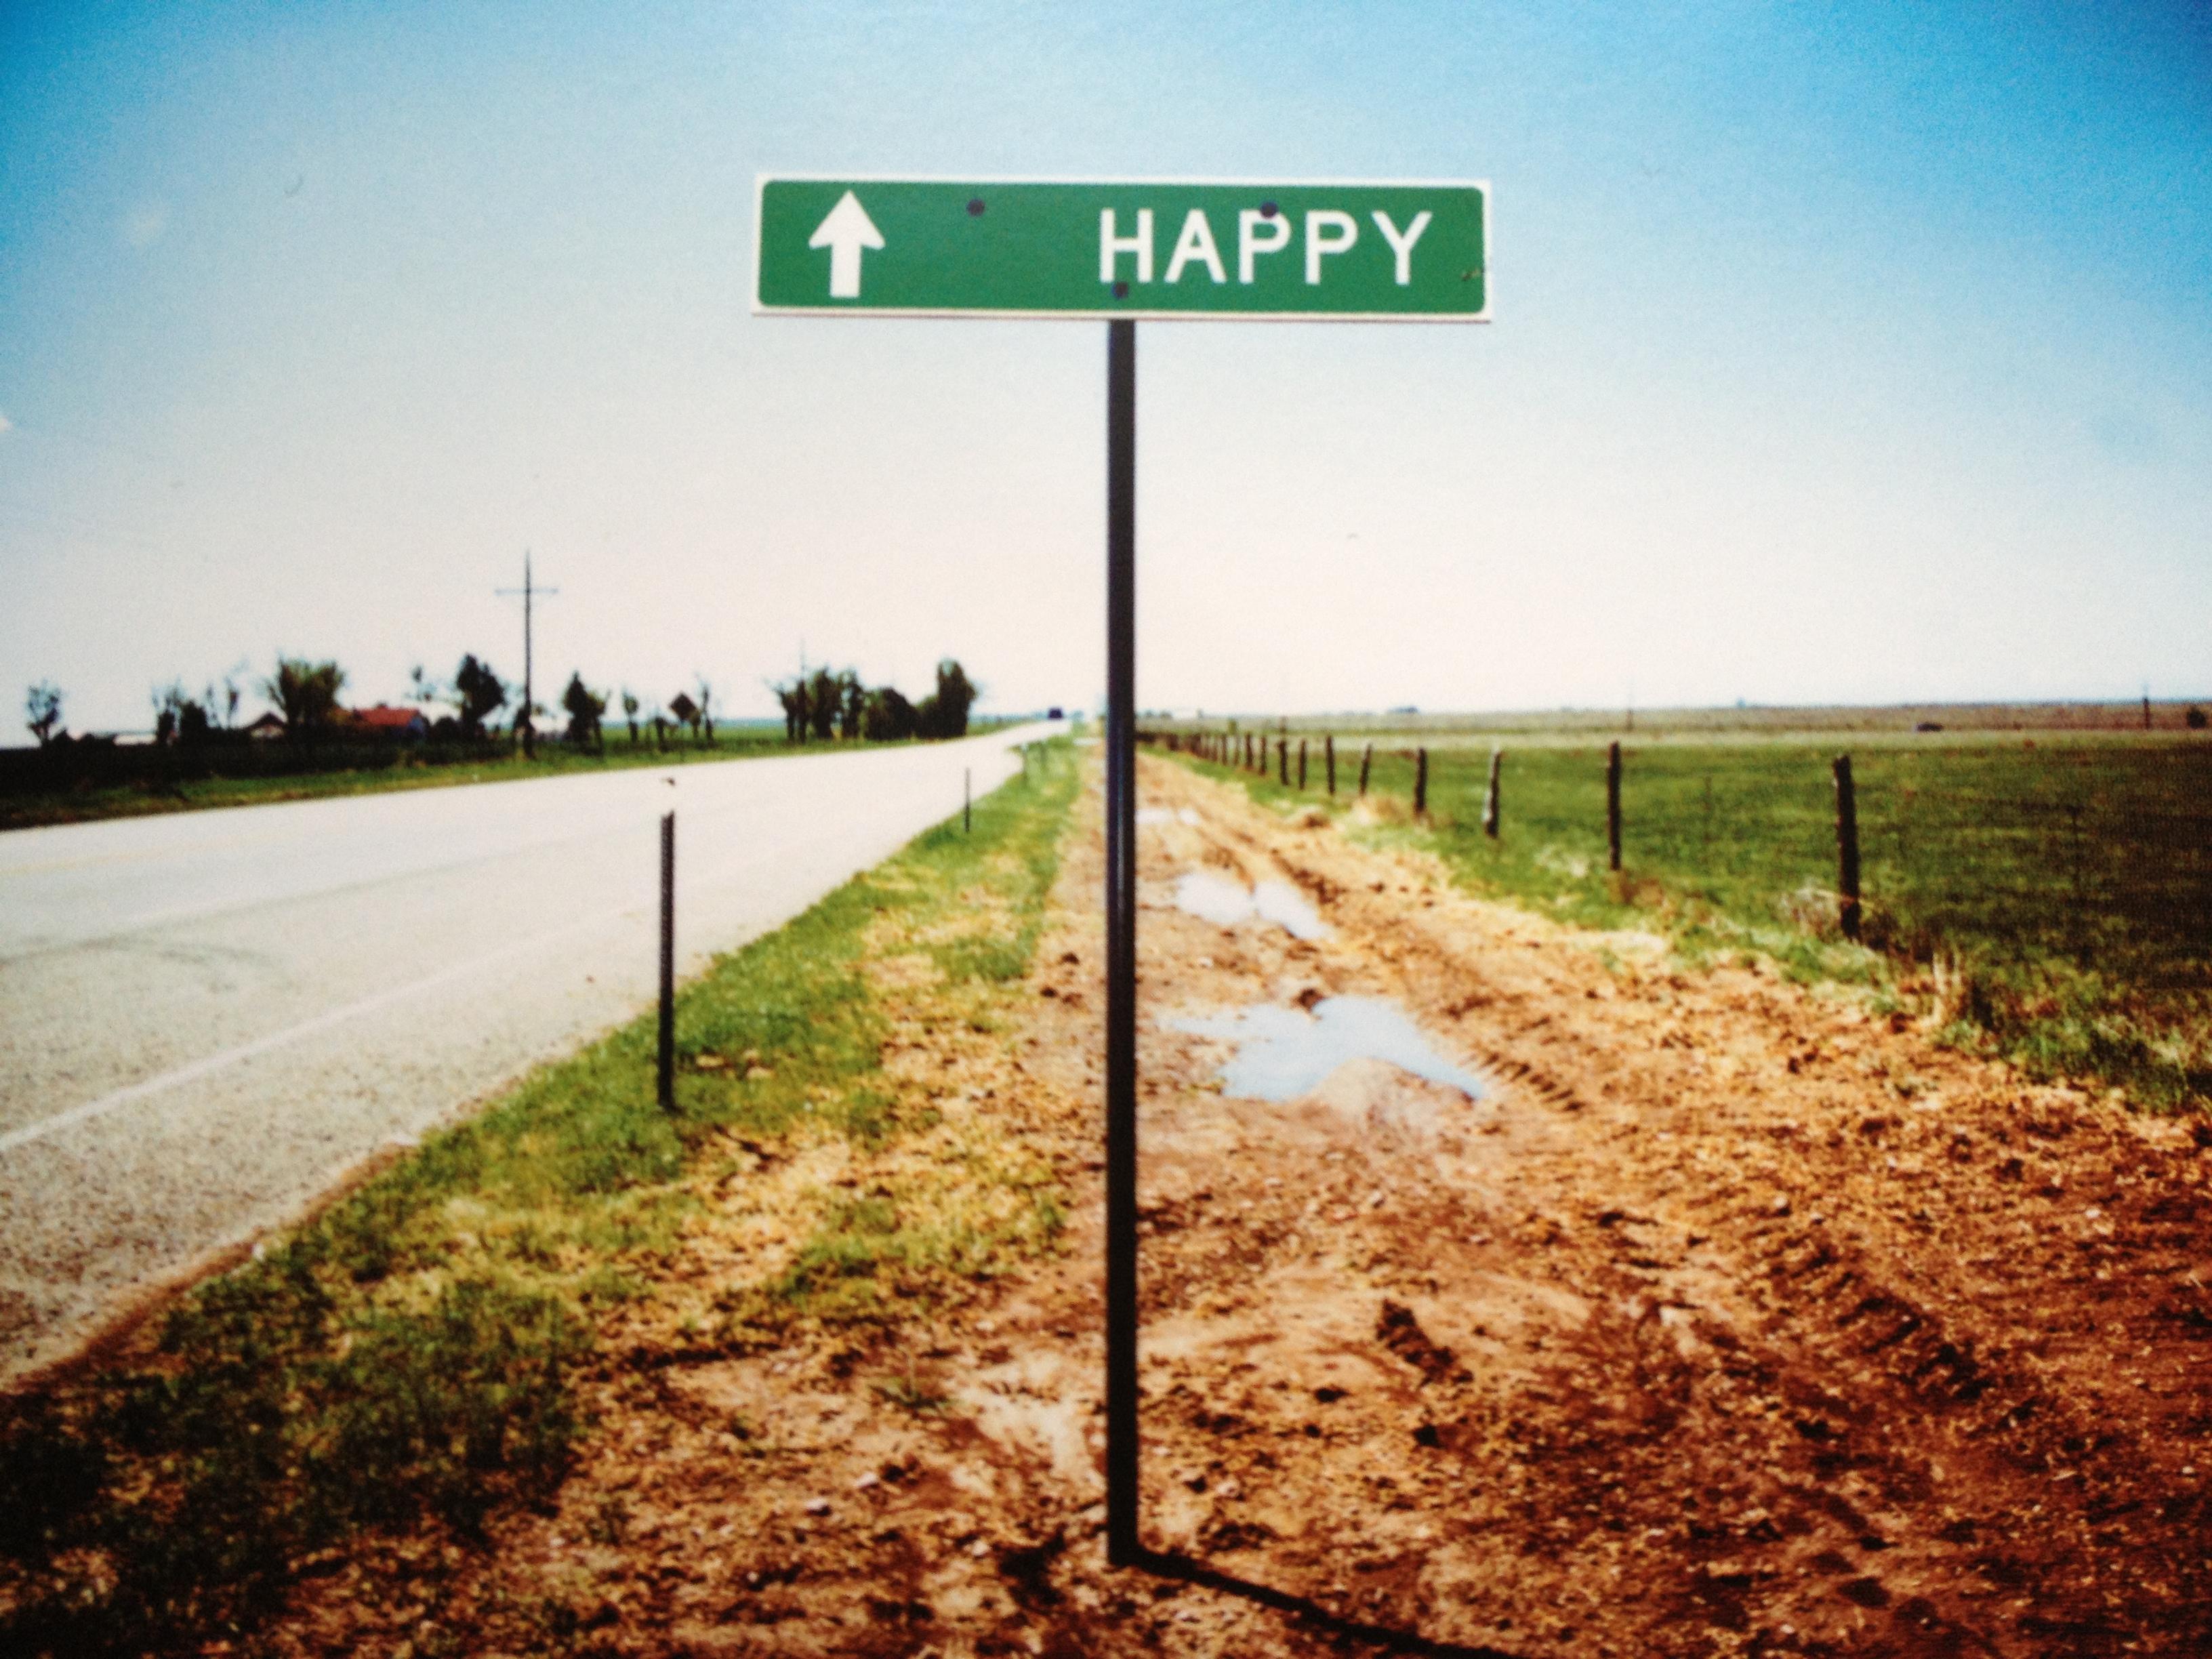 HAPPY-